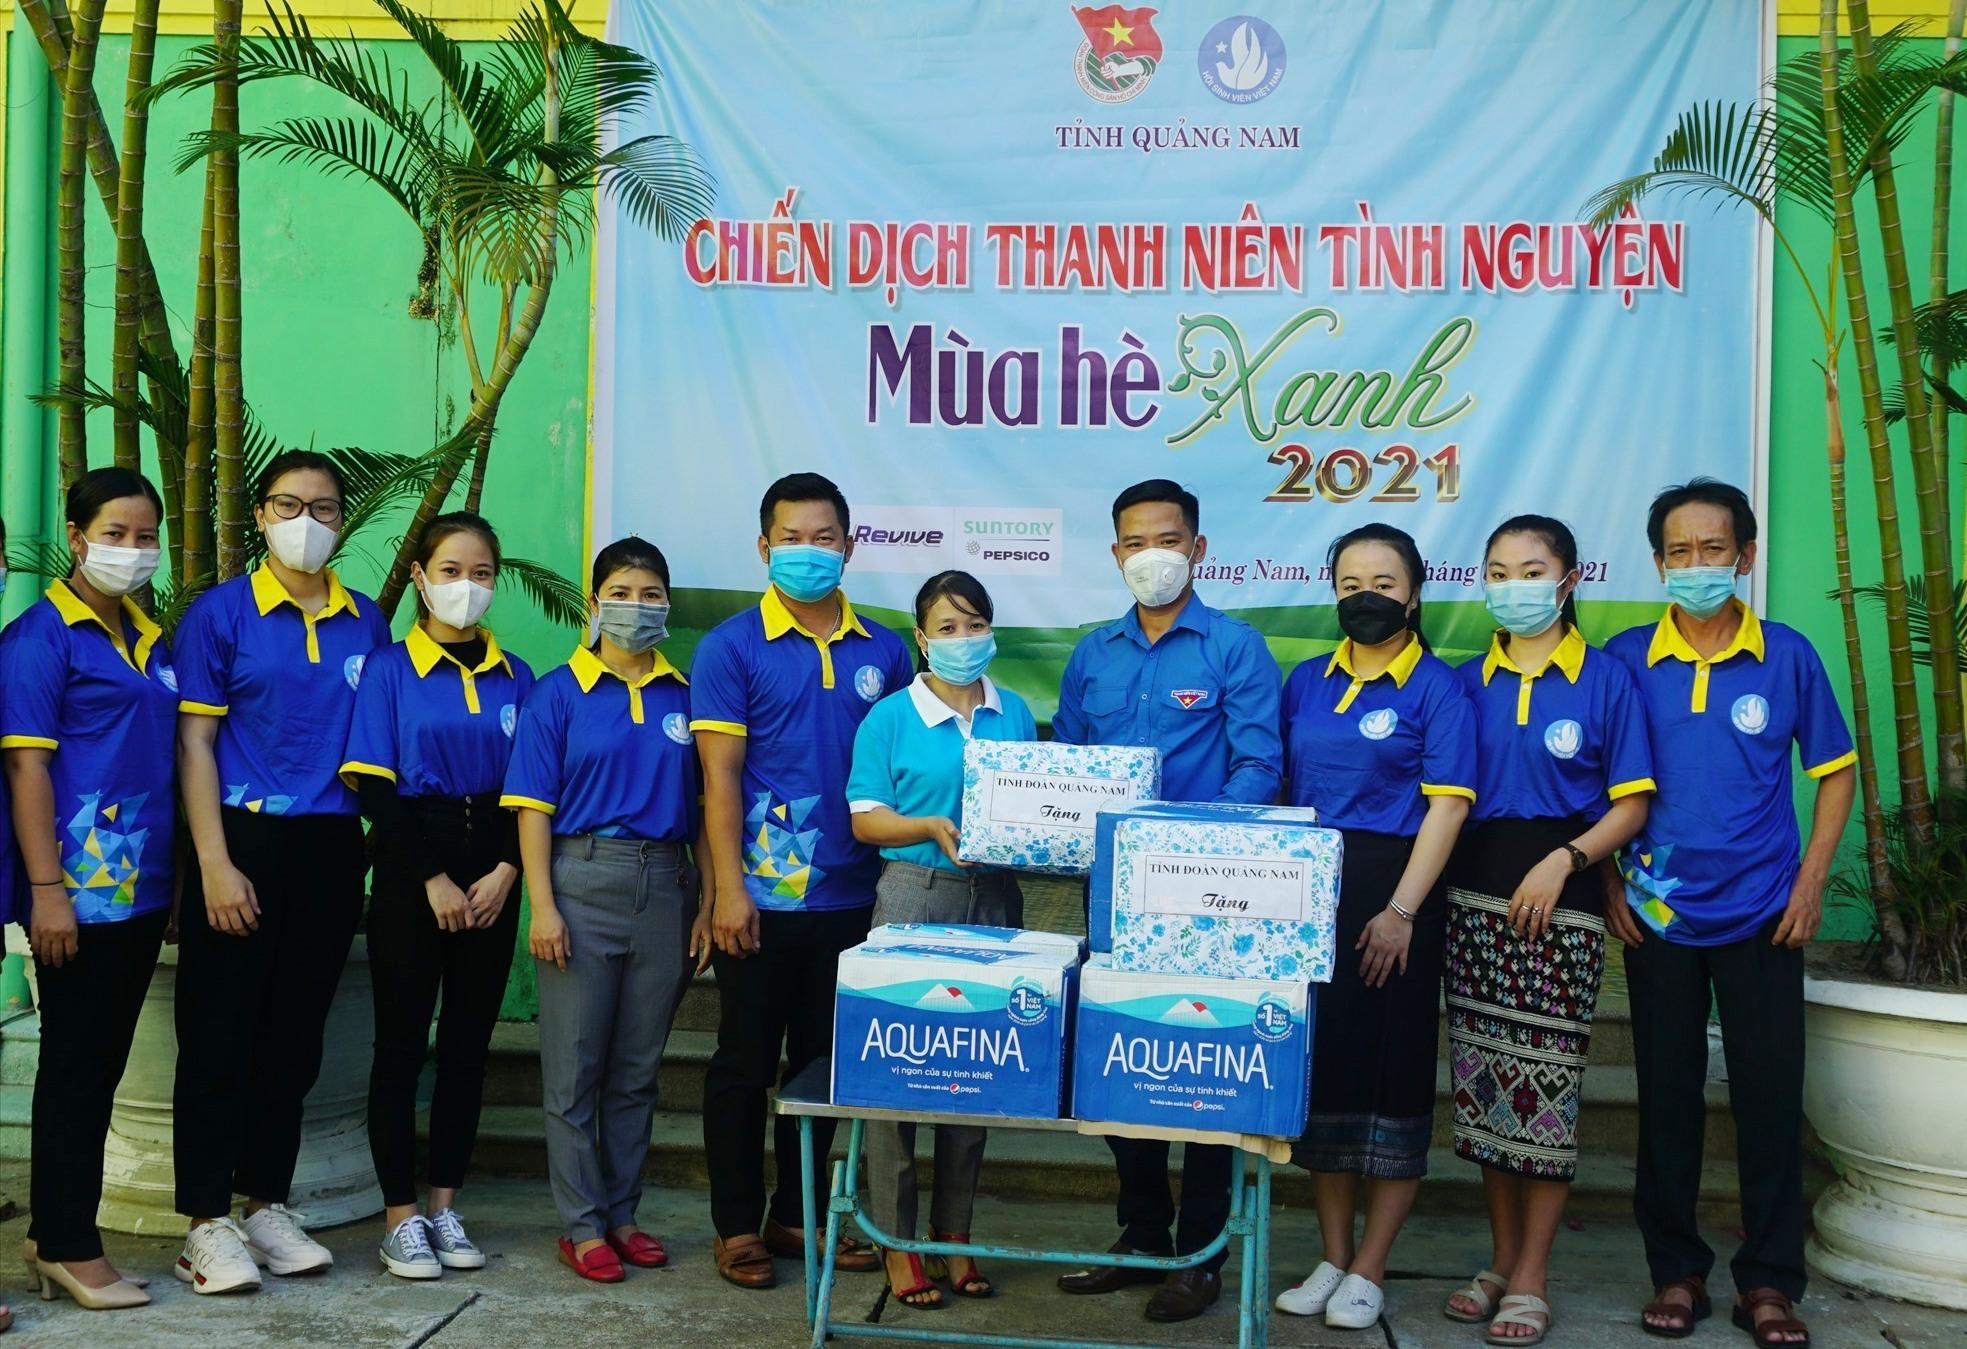 Tặng quà cho lực lượng thanh niên tình nguyện tham gia bếp ăn phục vụ khu cách ly tại Trường Cao đẳng Quảng Nam. Ảnh: M.H